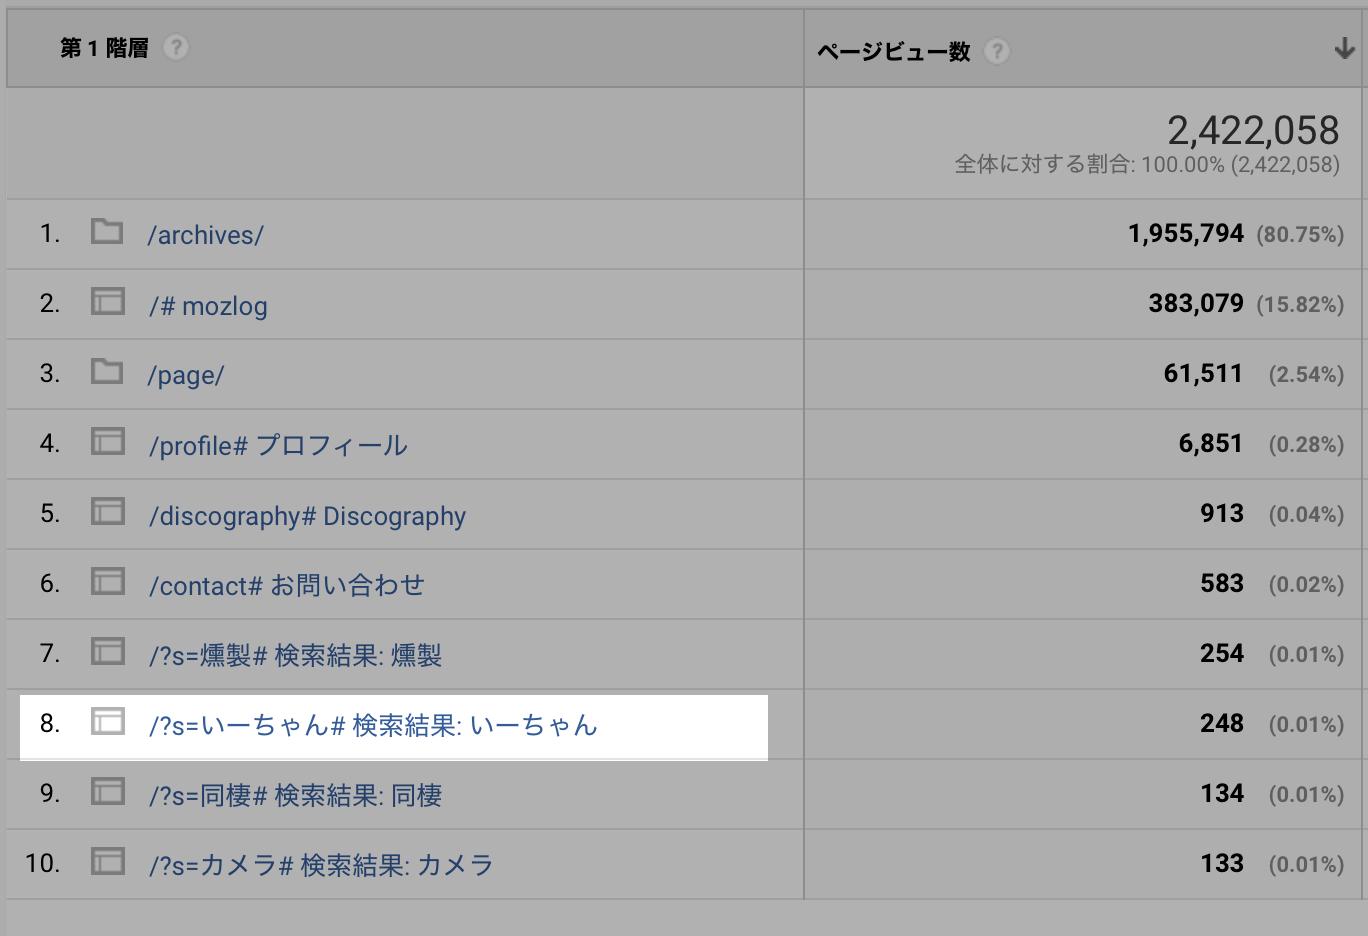 スクリーンショット 2020-01-14 18.07.28